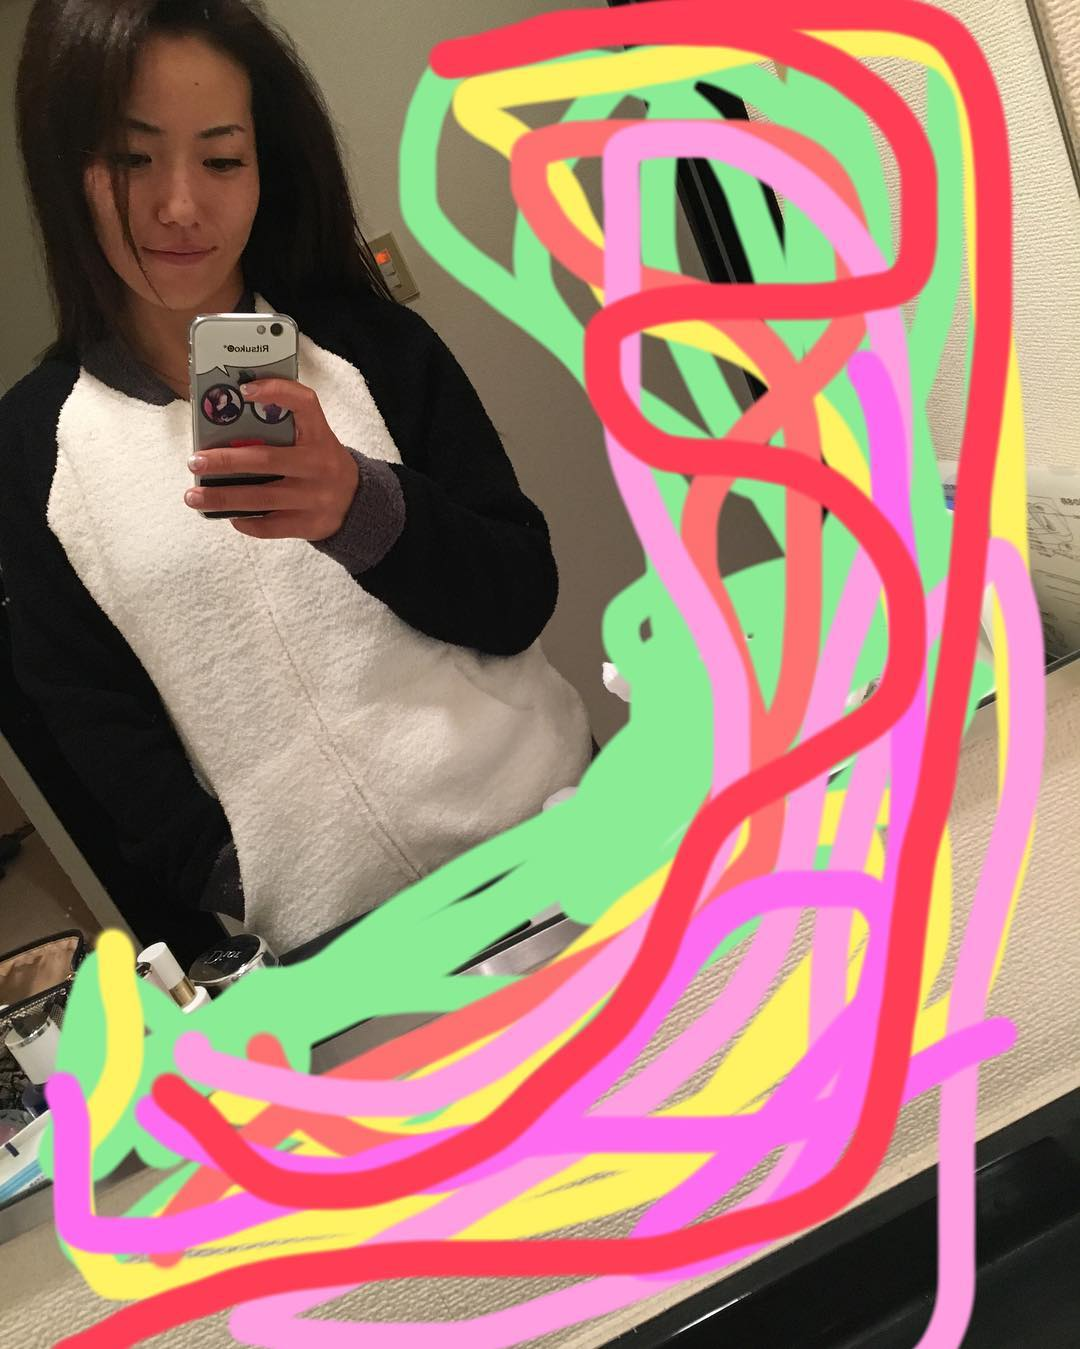 画像1: 笠りつ子さんのInstagram写真・2016 11月 10 9:56午前 UTC www.instagram.com